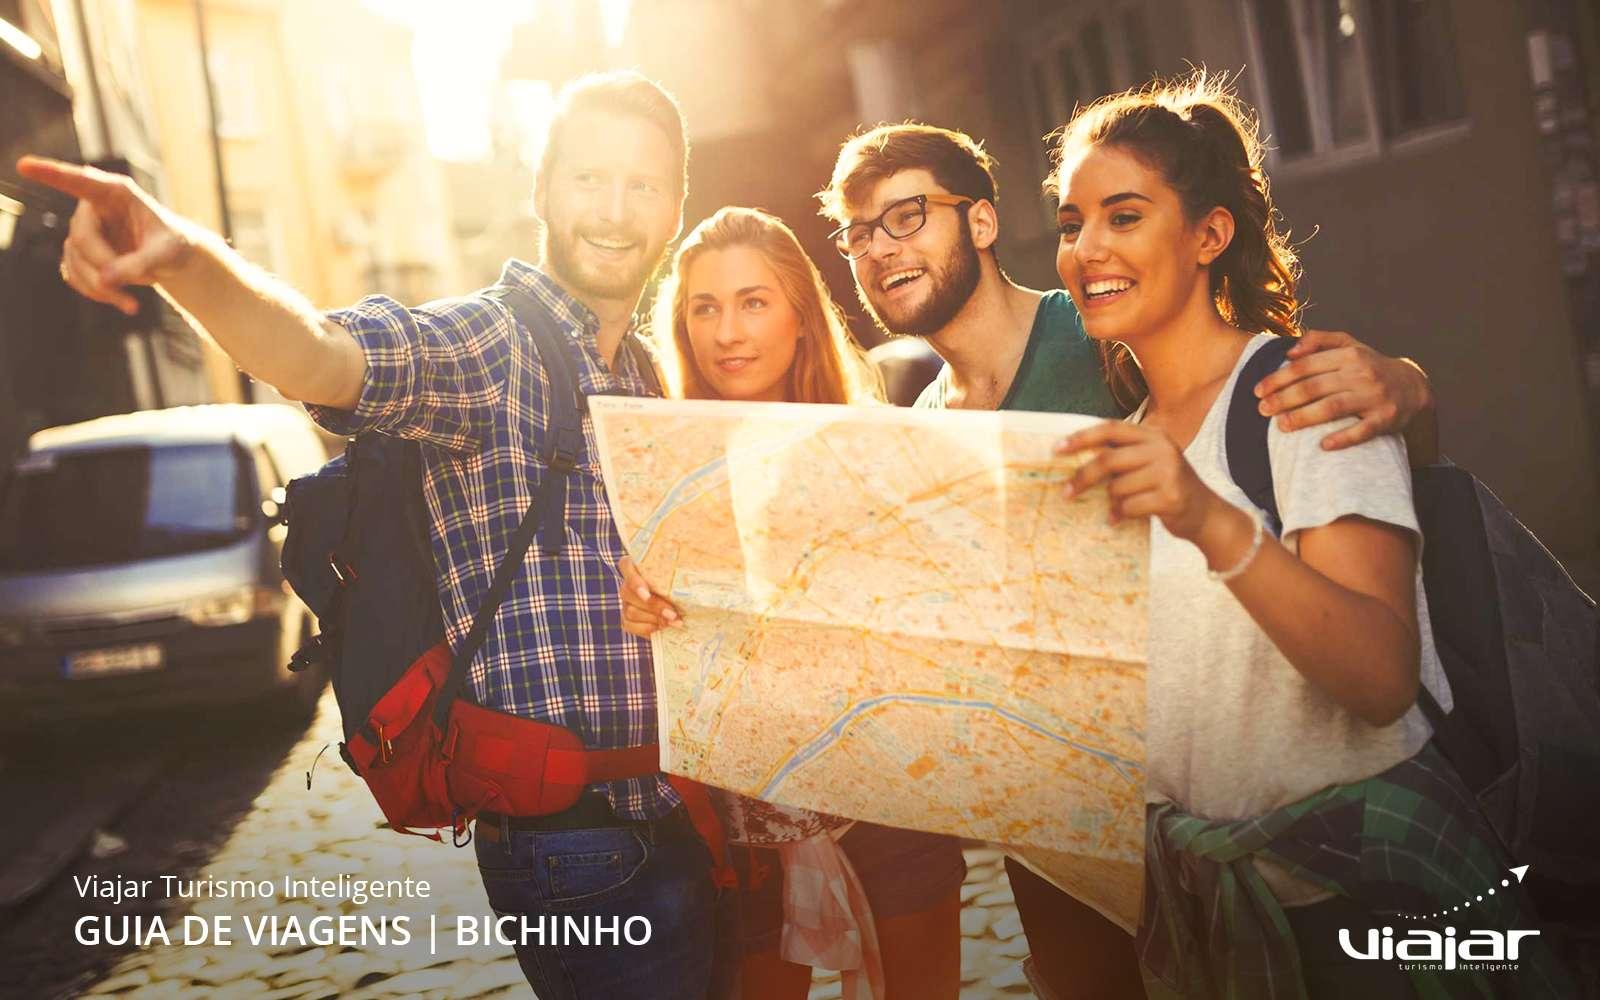 viajar-turismo-inteligente-guia-viagens-bichinho-minas-gerais-05